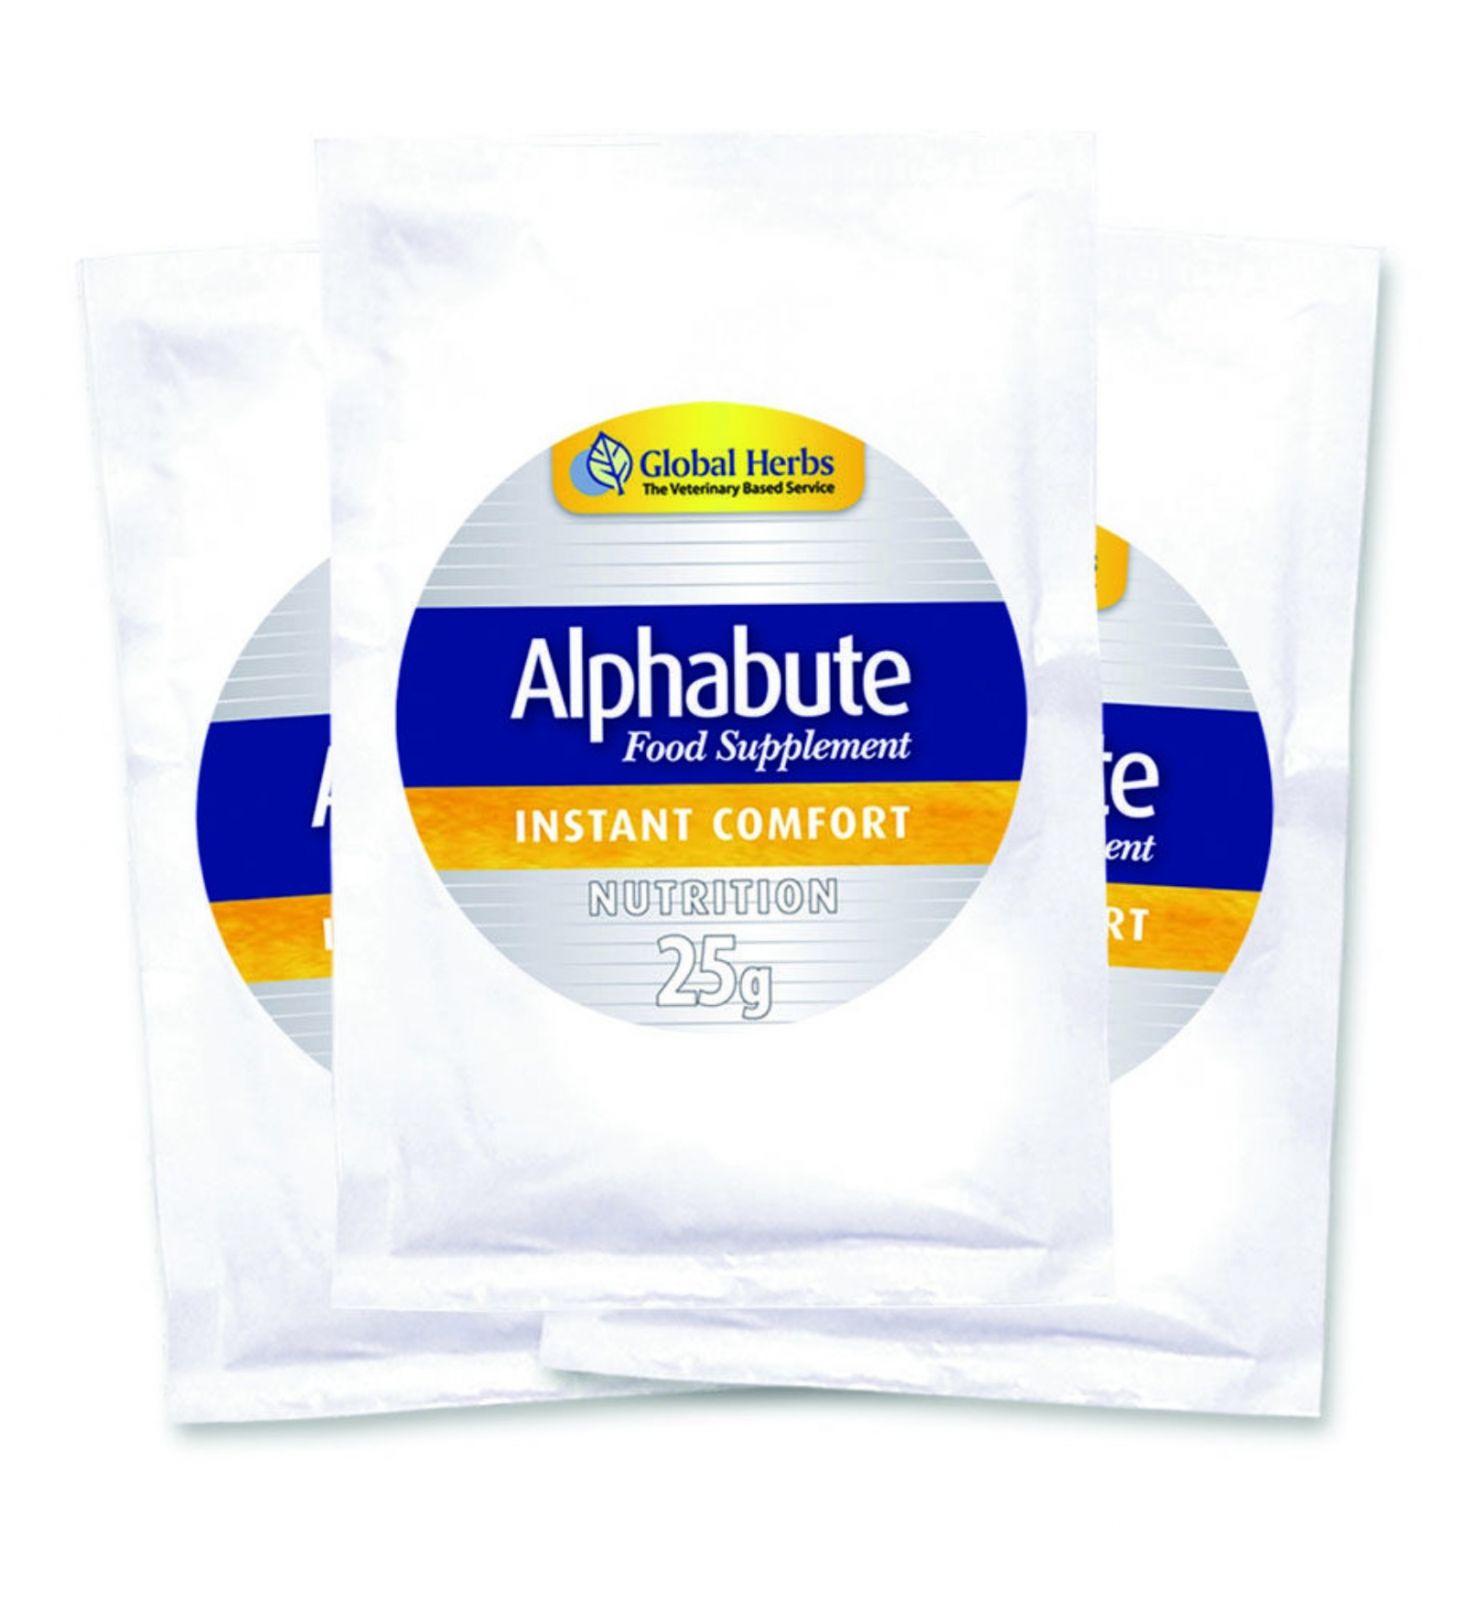 Global Herbs Alphabute Sachet